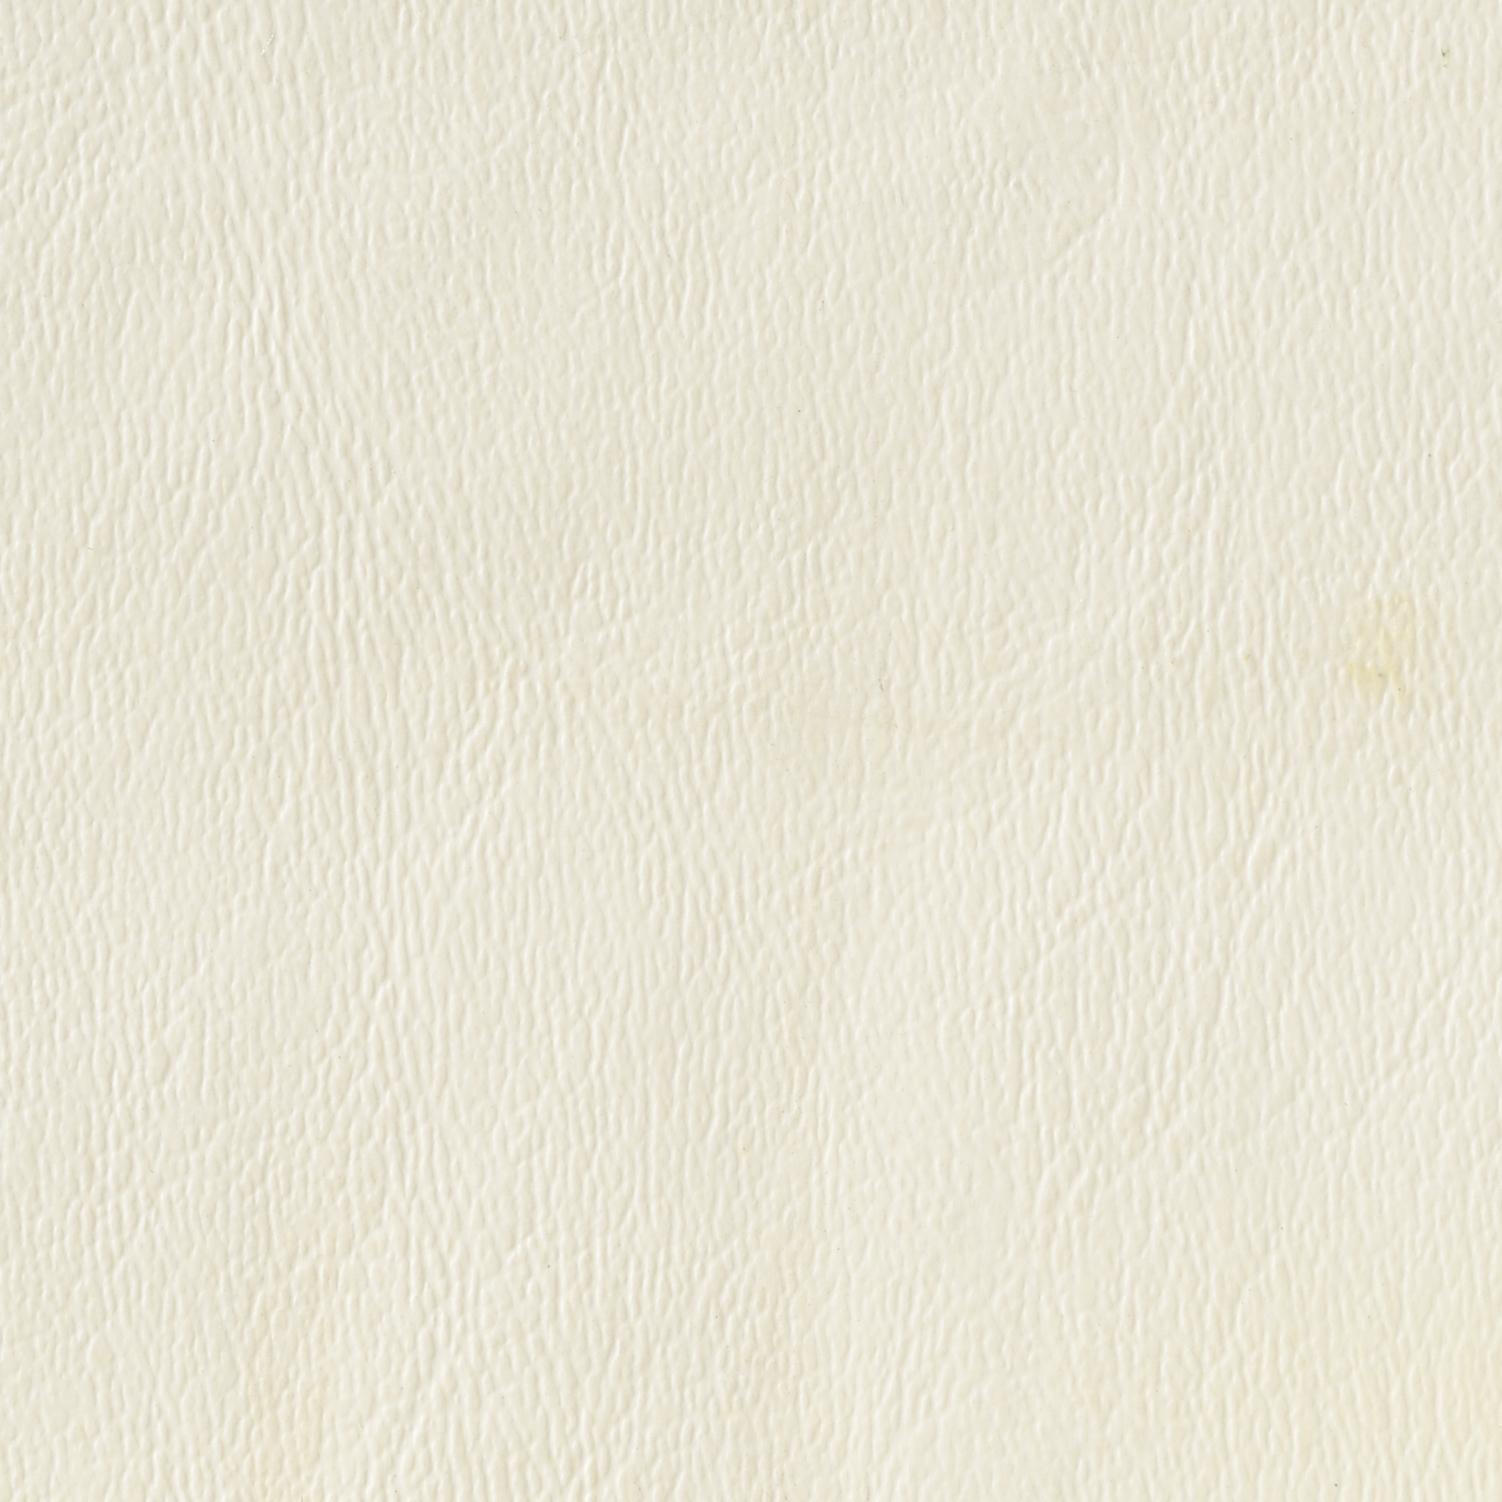 SOFT WHITE   PR-34